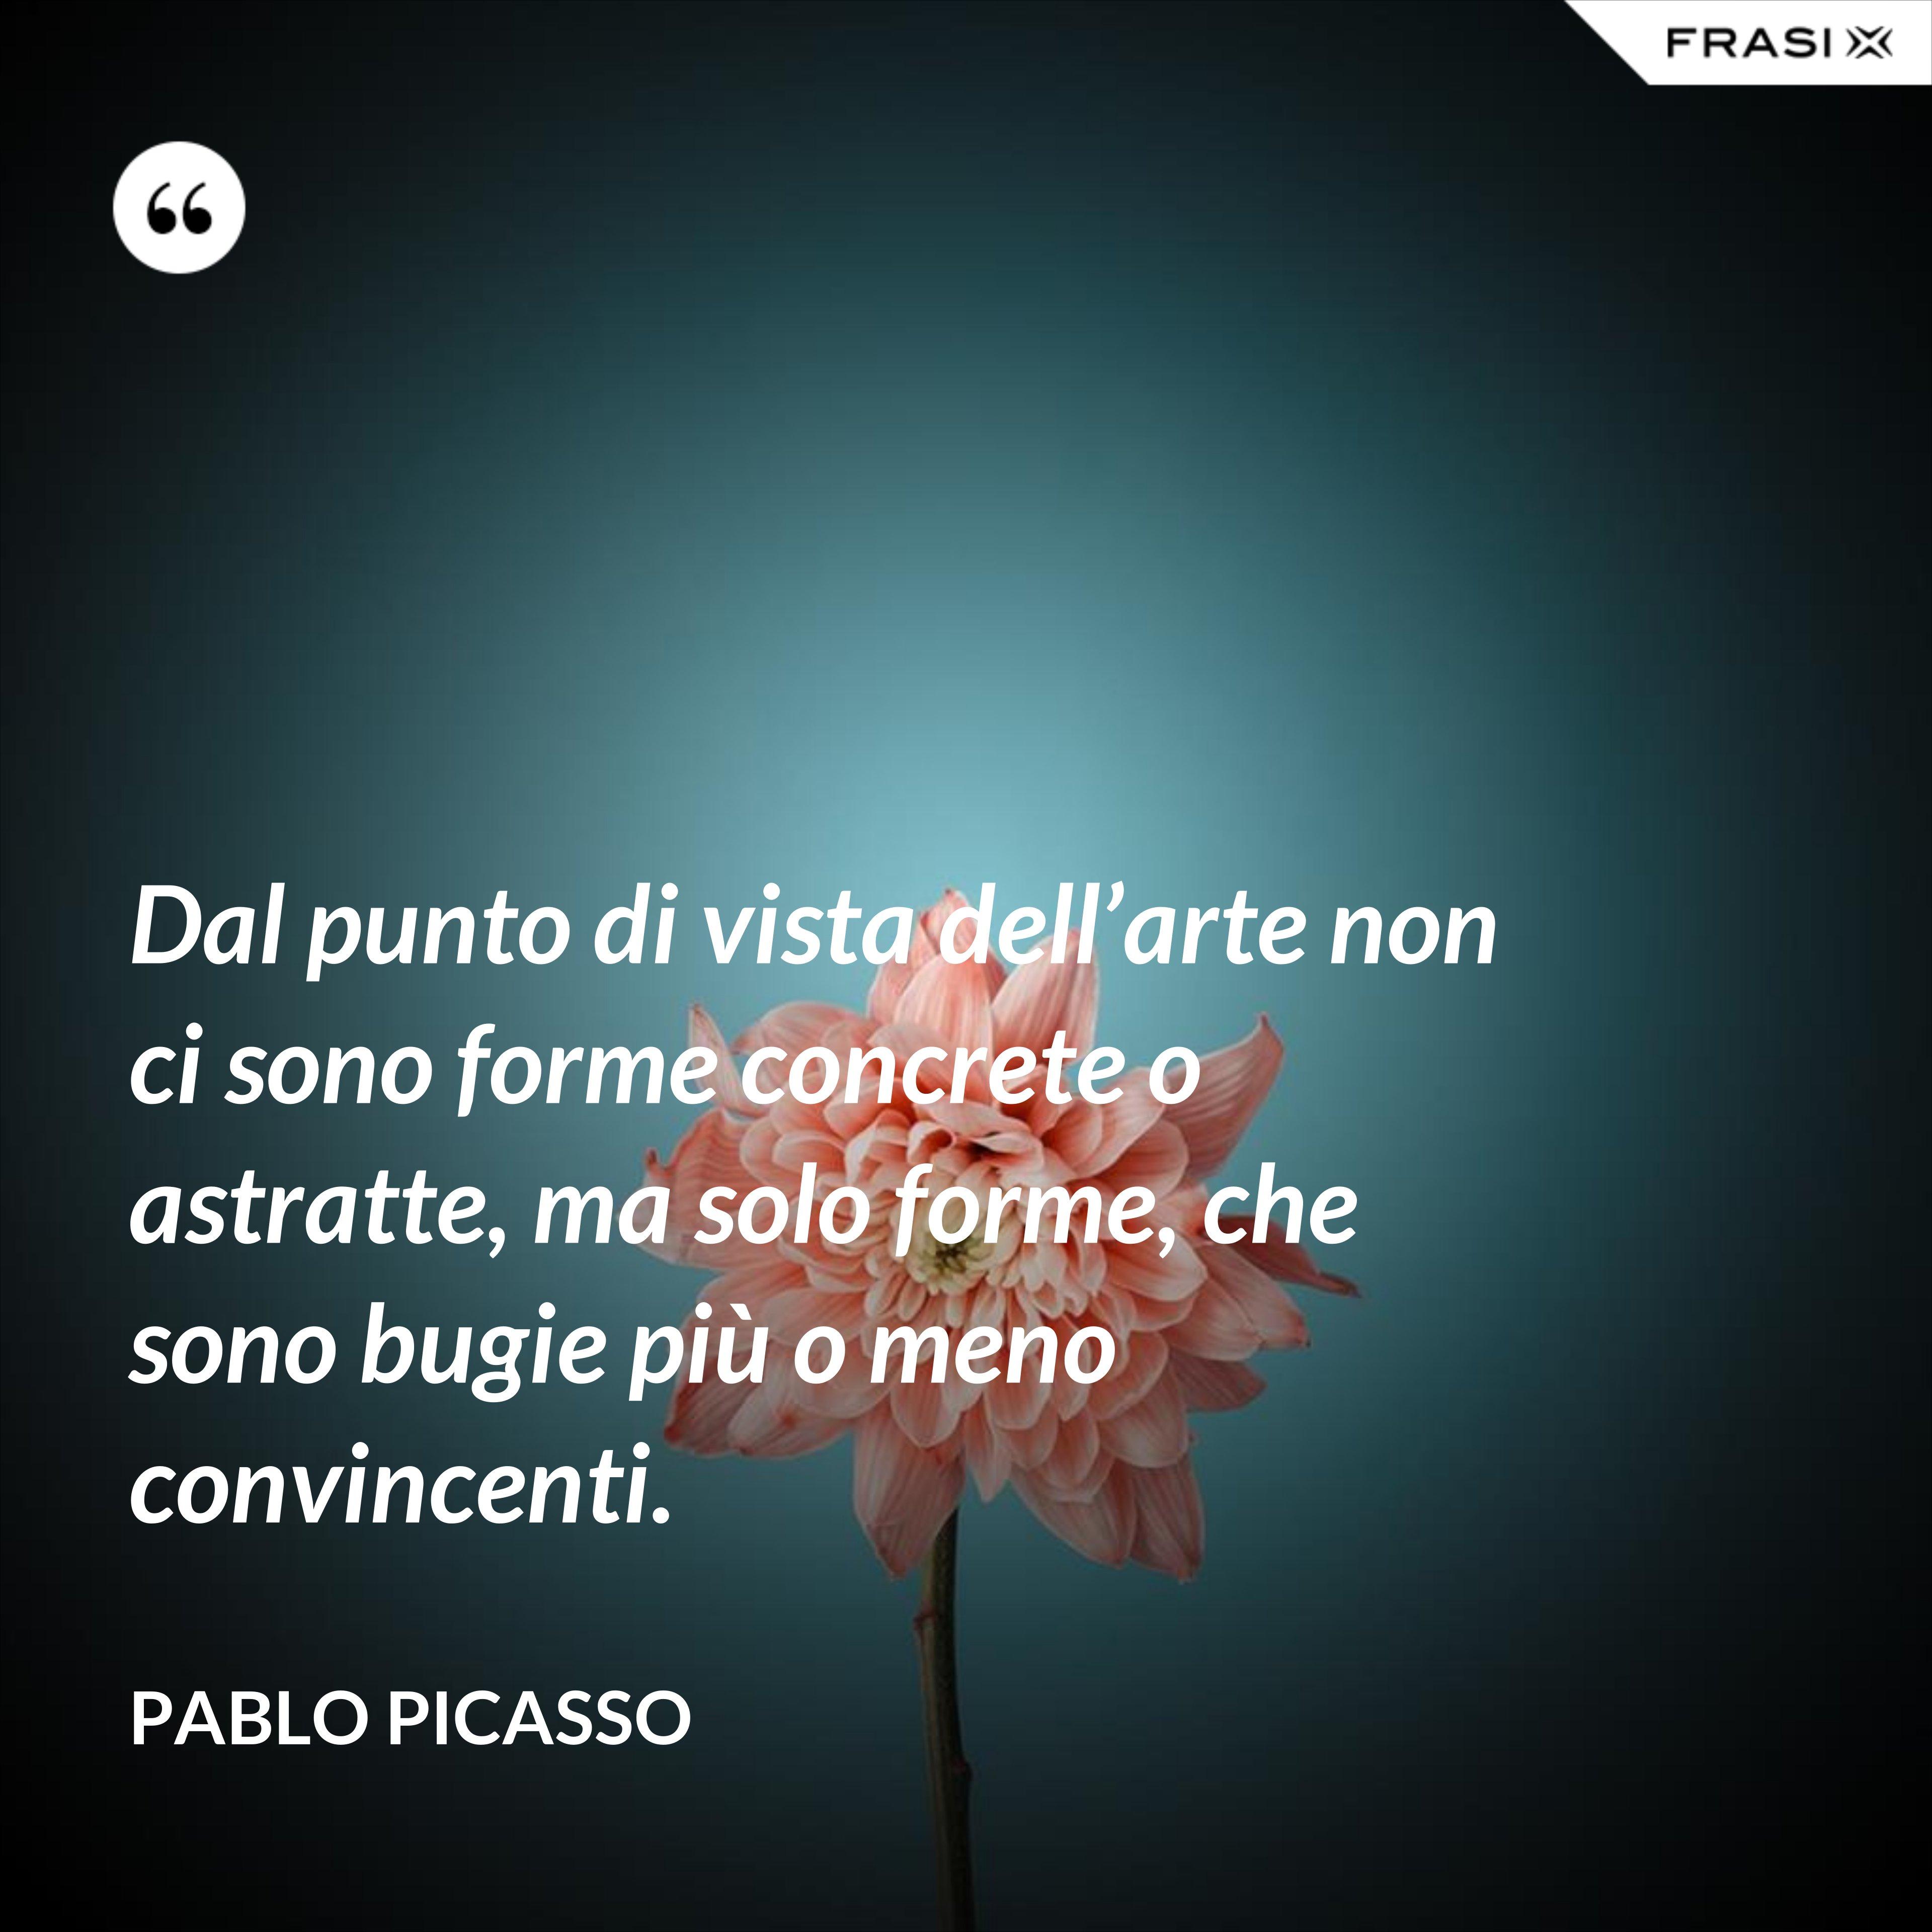 Dal punto di vista dell'arte non ci sono forme concrete o astratte, ma solo forme, che sono bugie più o meno convincenti. - Pablo Picasso